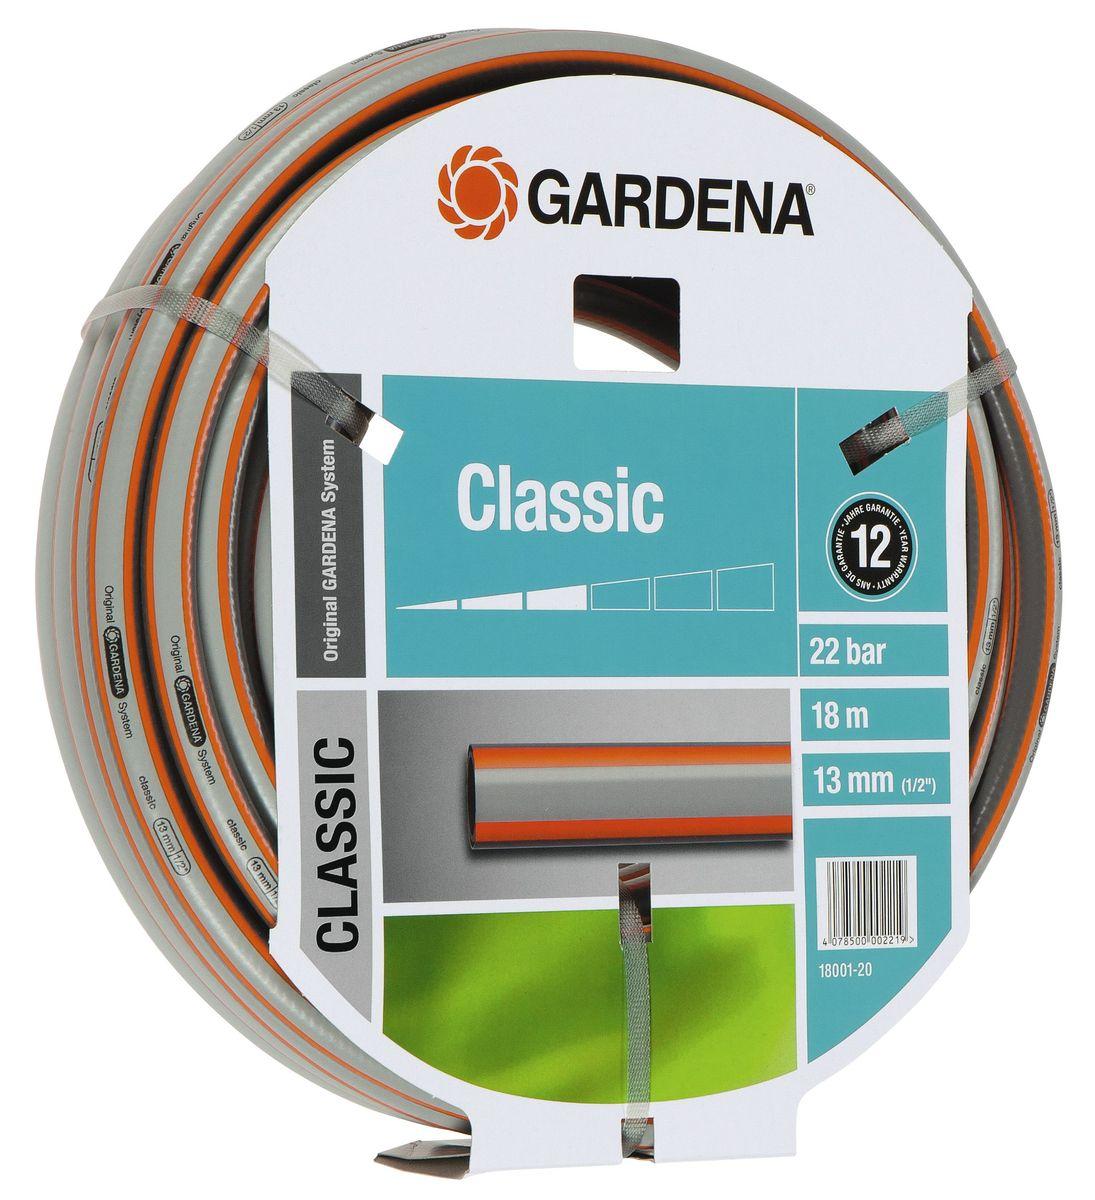 Шланг Classic 1/2 х 18 м Gardena18001-20.000.00Садовый шланг с высококачественным армированием. Хорошо сохраняет первоначальную форму, выдерживает высокое давление. Отсутствие фталатов и тяжелых металлов.